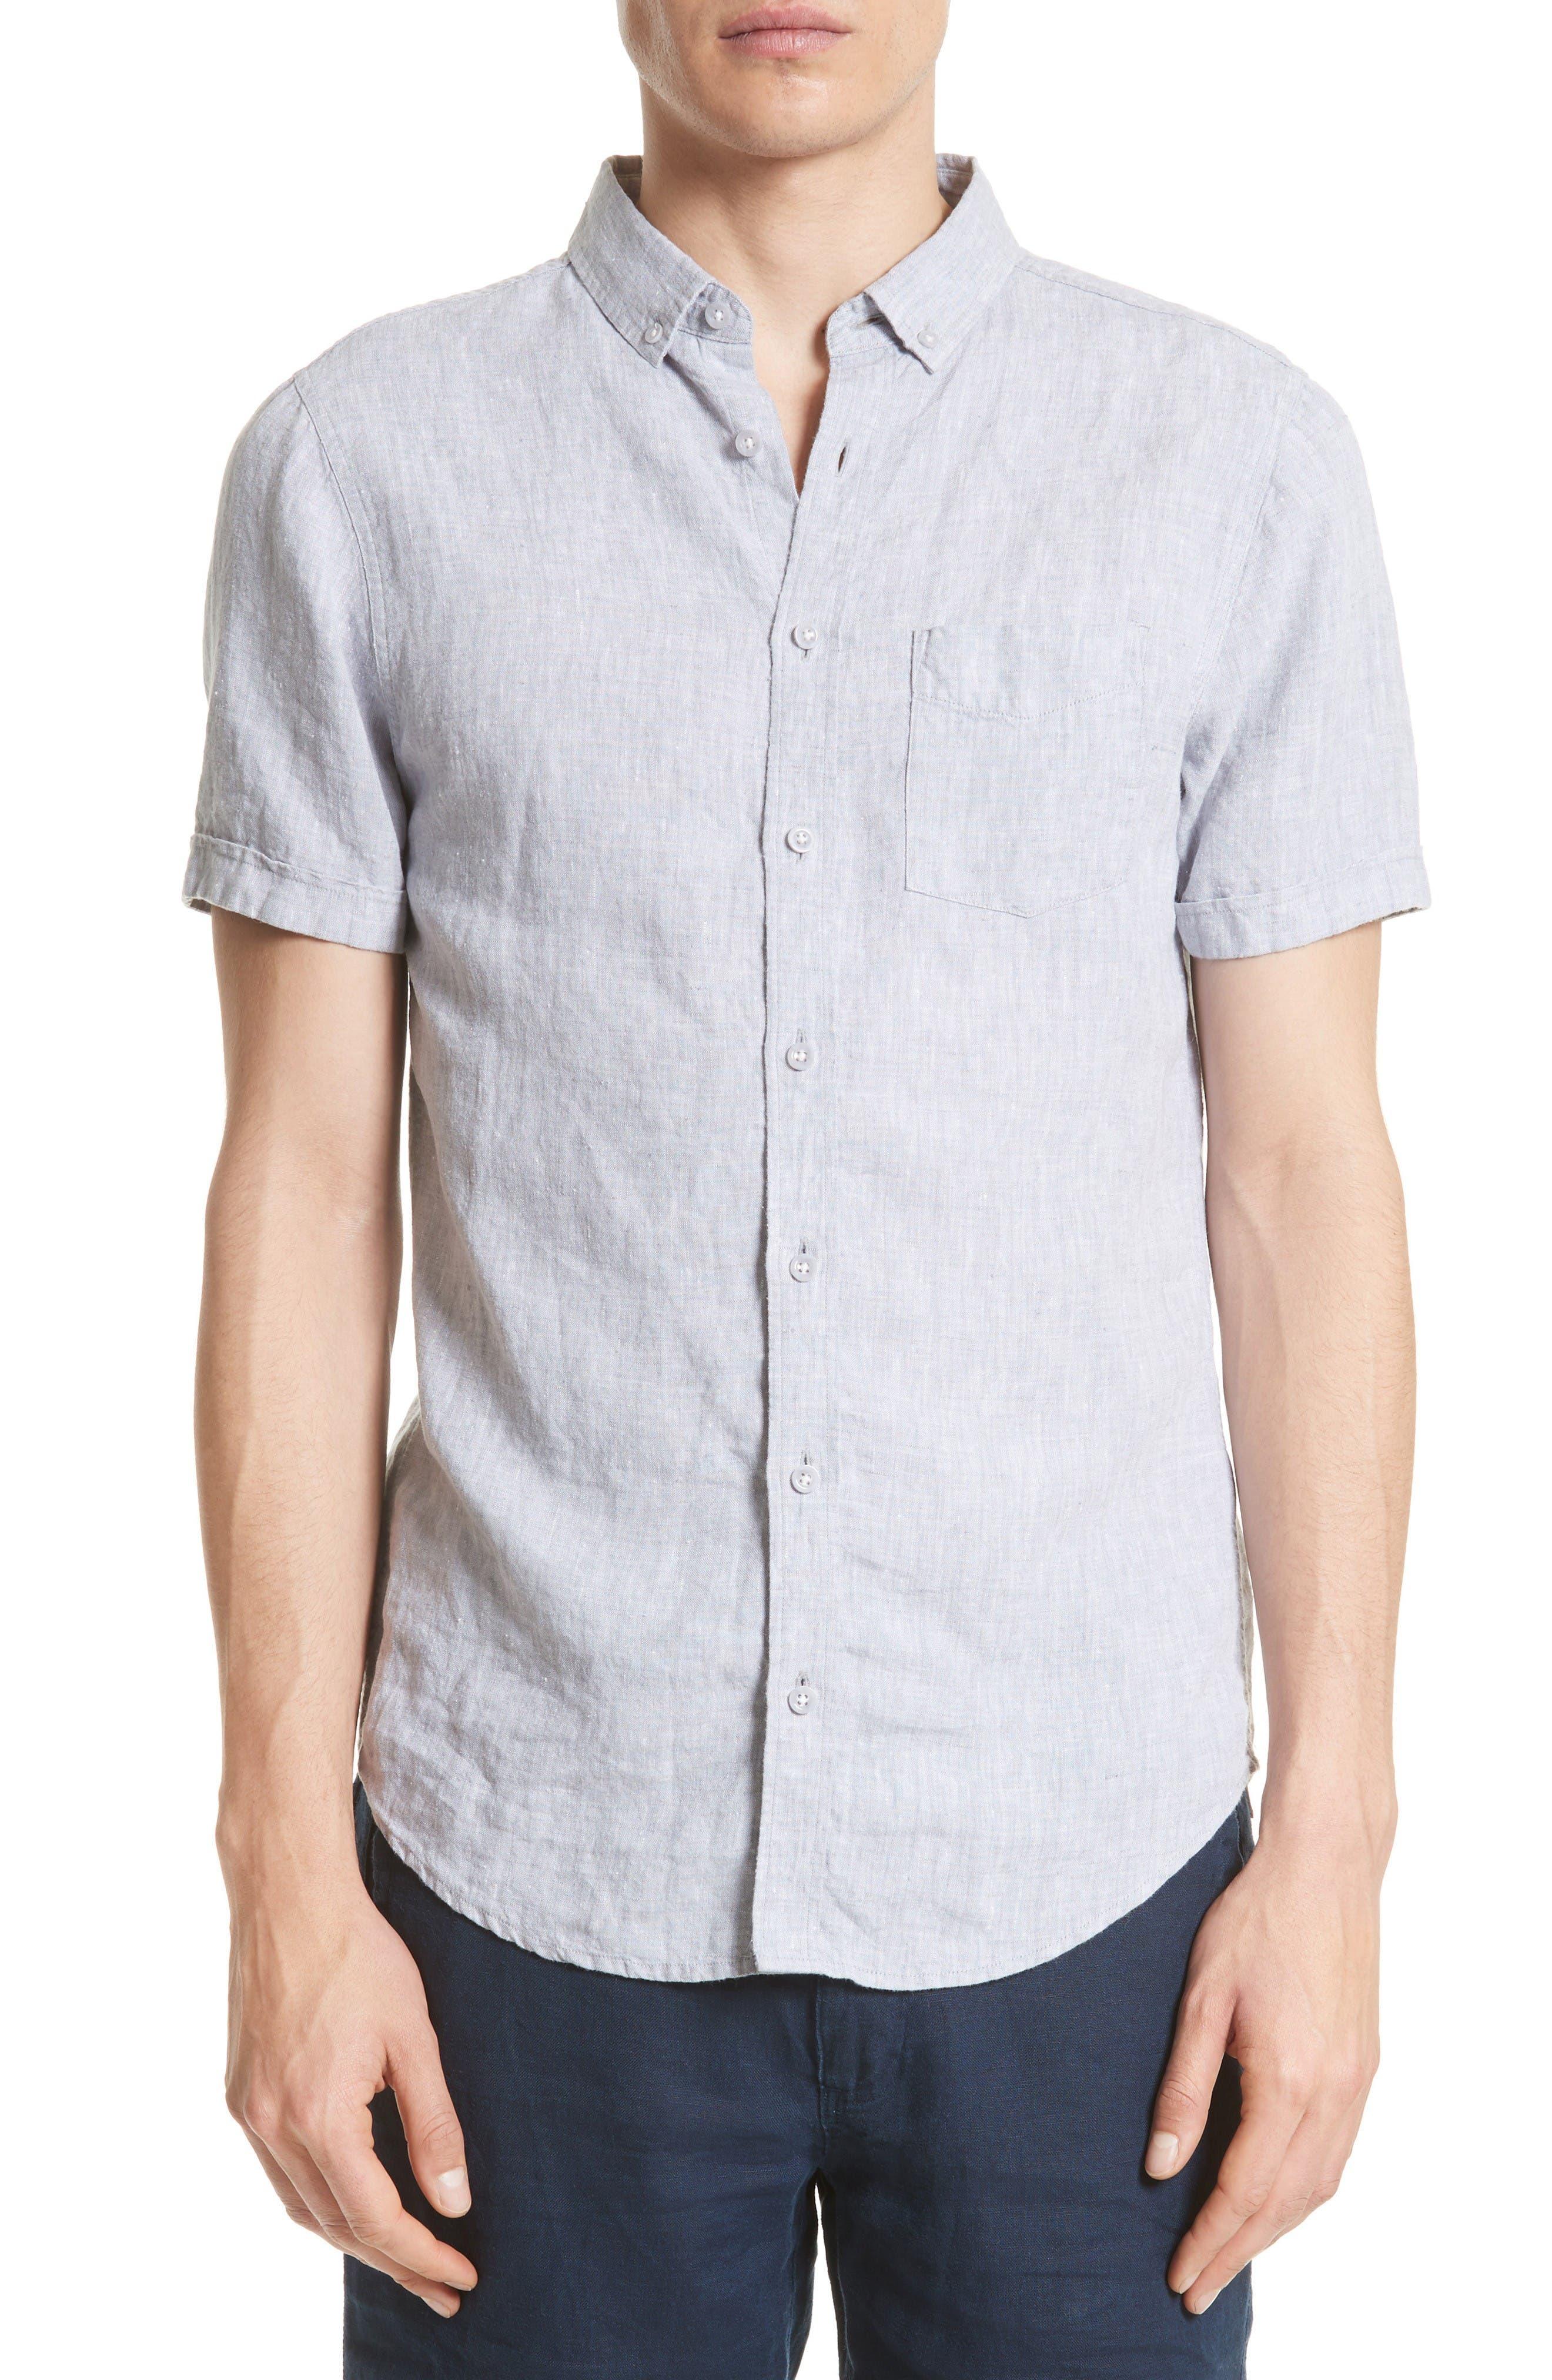 ONIA Trim Fit Linen Shirt